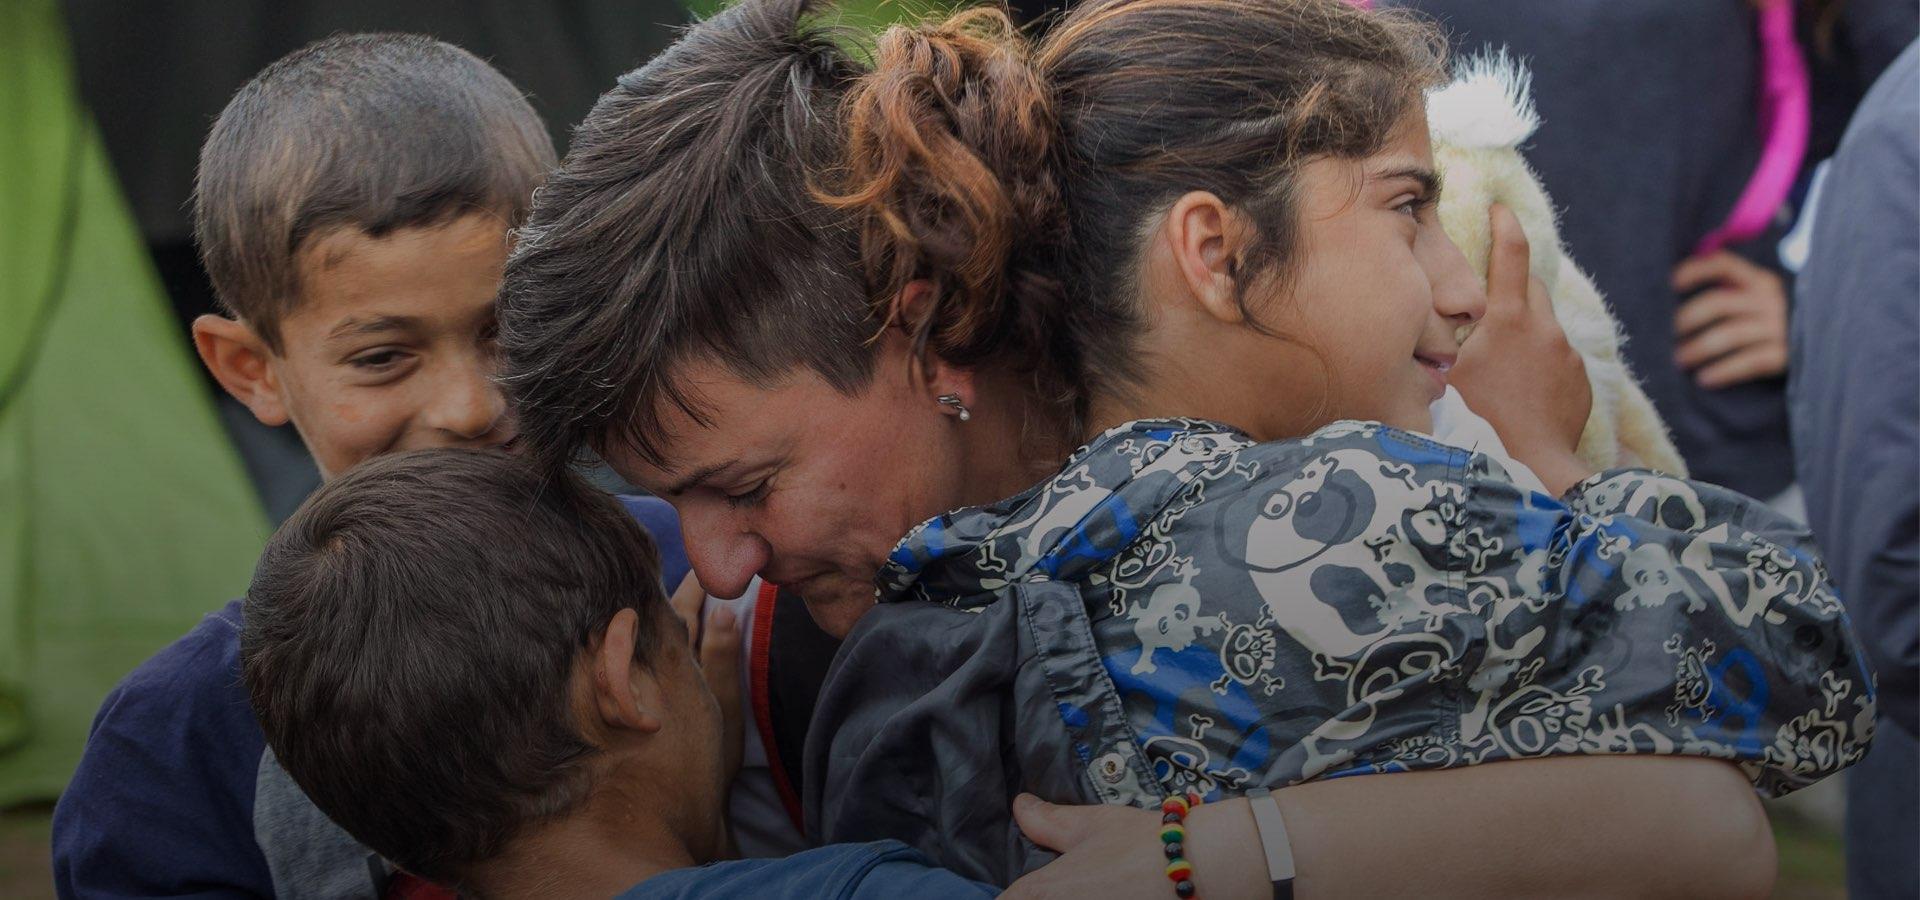 Journée Mondiale du Migrant et du Réfugié